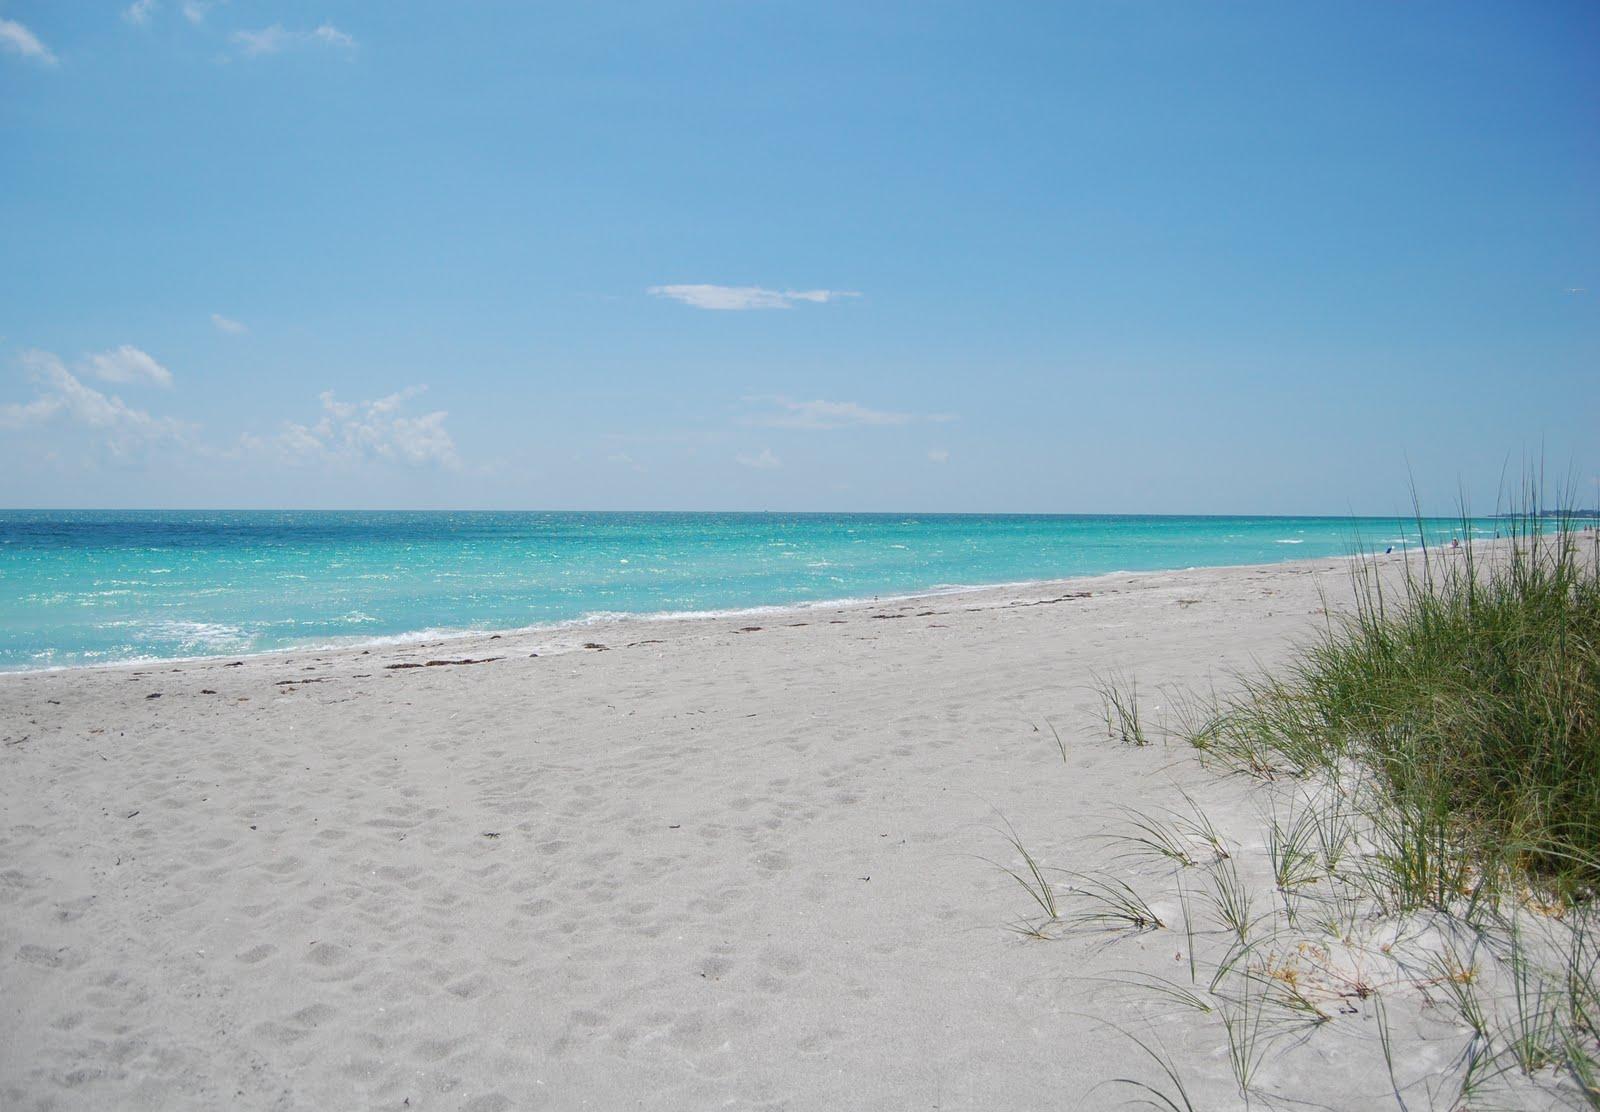 Vacation Florida West Coast The West Coast of Florida